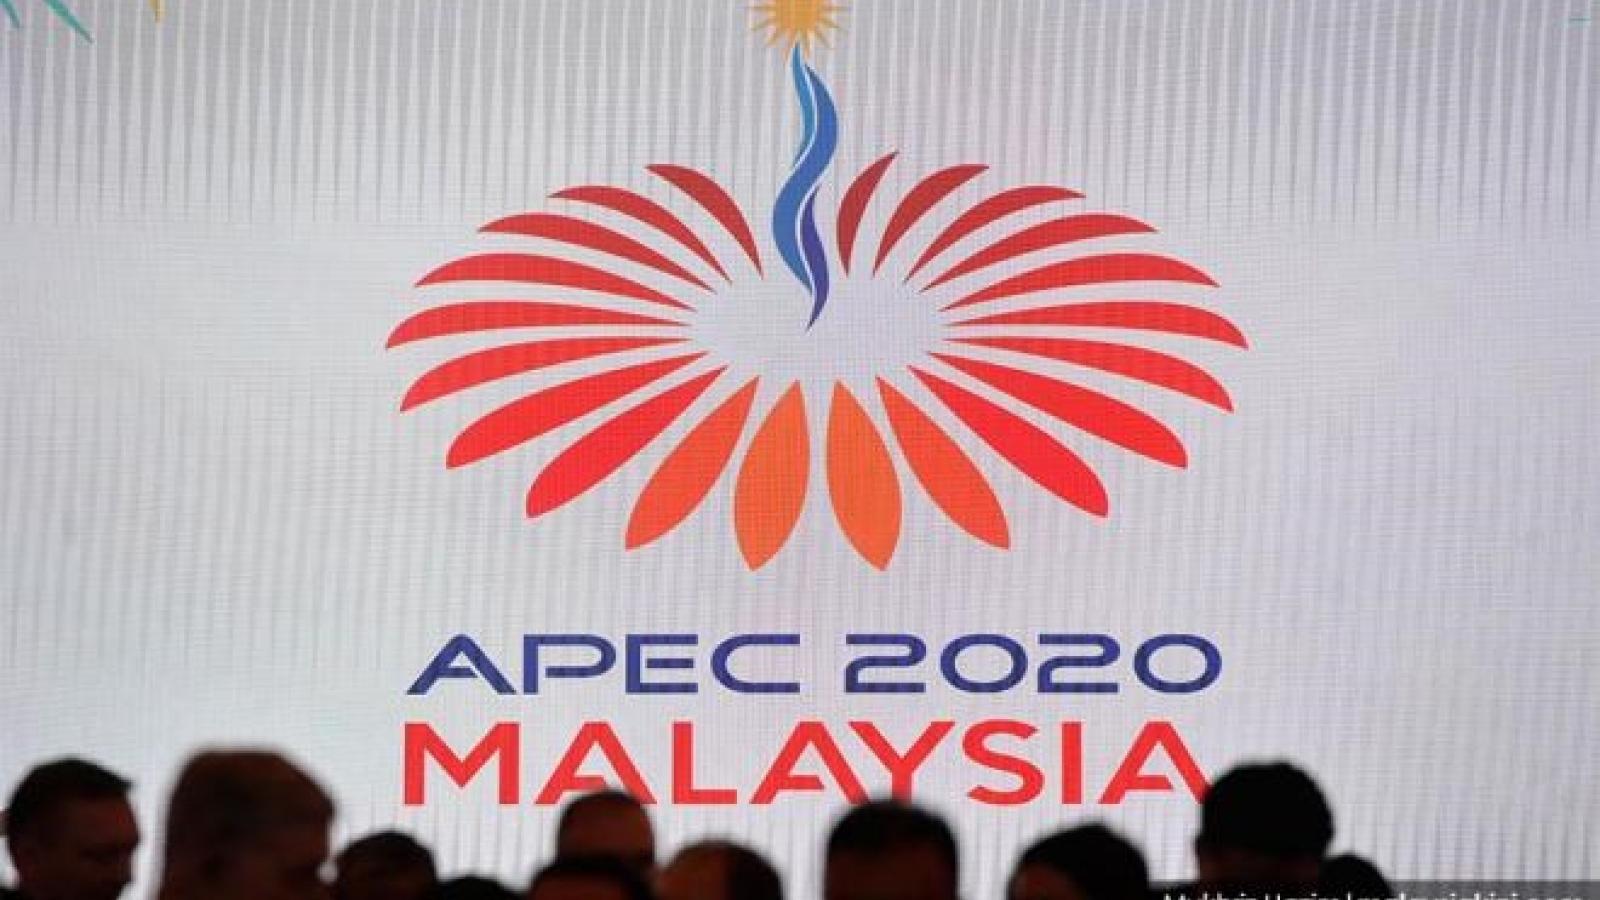 APEC thúc đẩy hợp tác với các lãnh đạo doanh nghiệp tư nhân